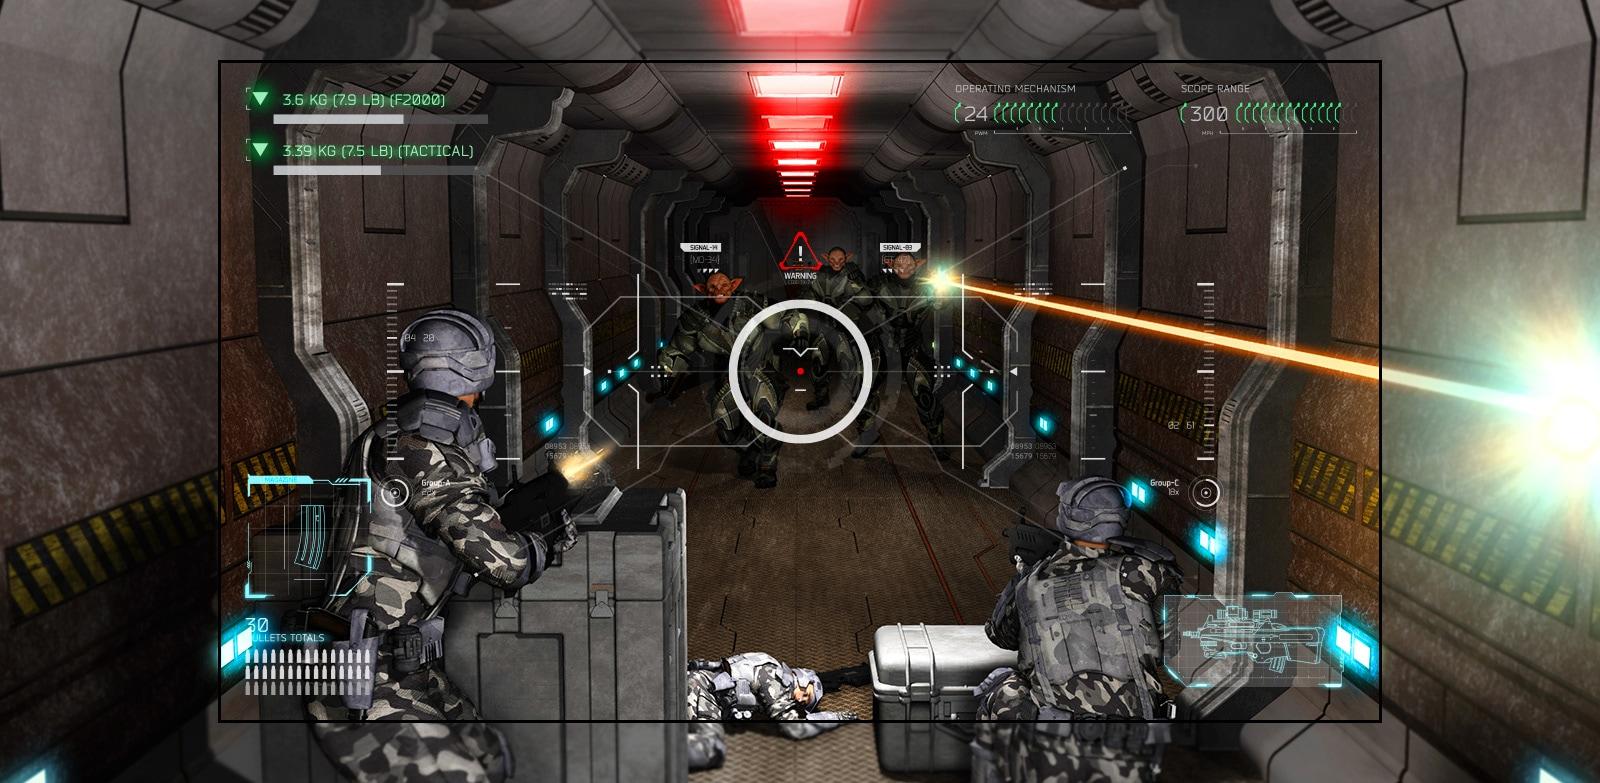 Телевизор, на който се вижда игра със стрелба, при която играчът е победен от извънземни с оръжия.